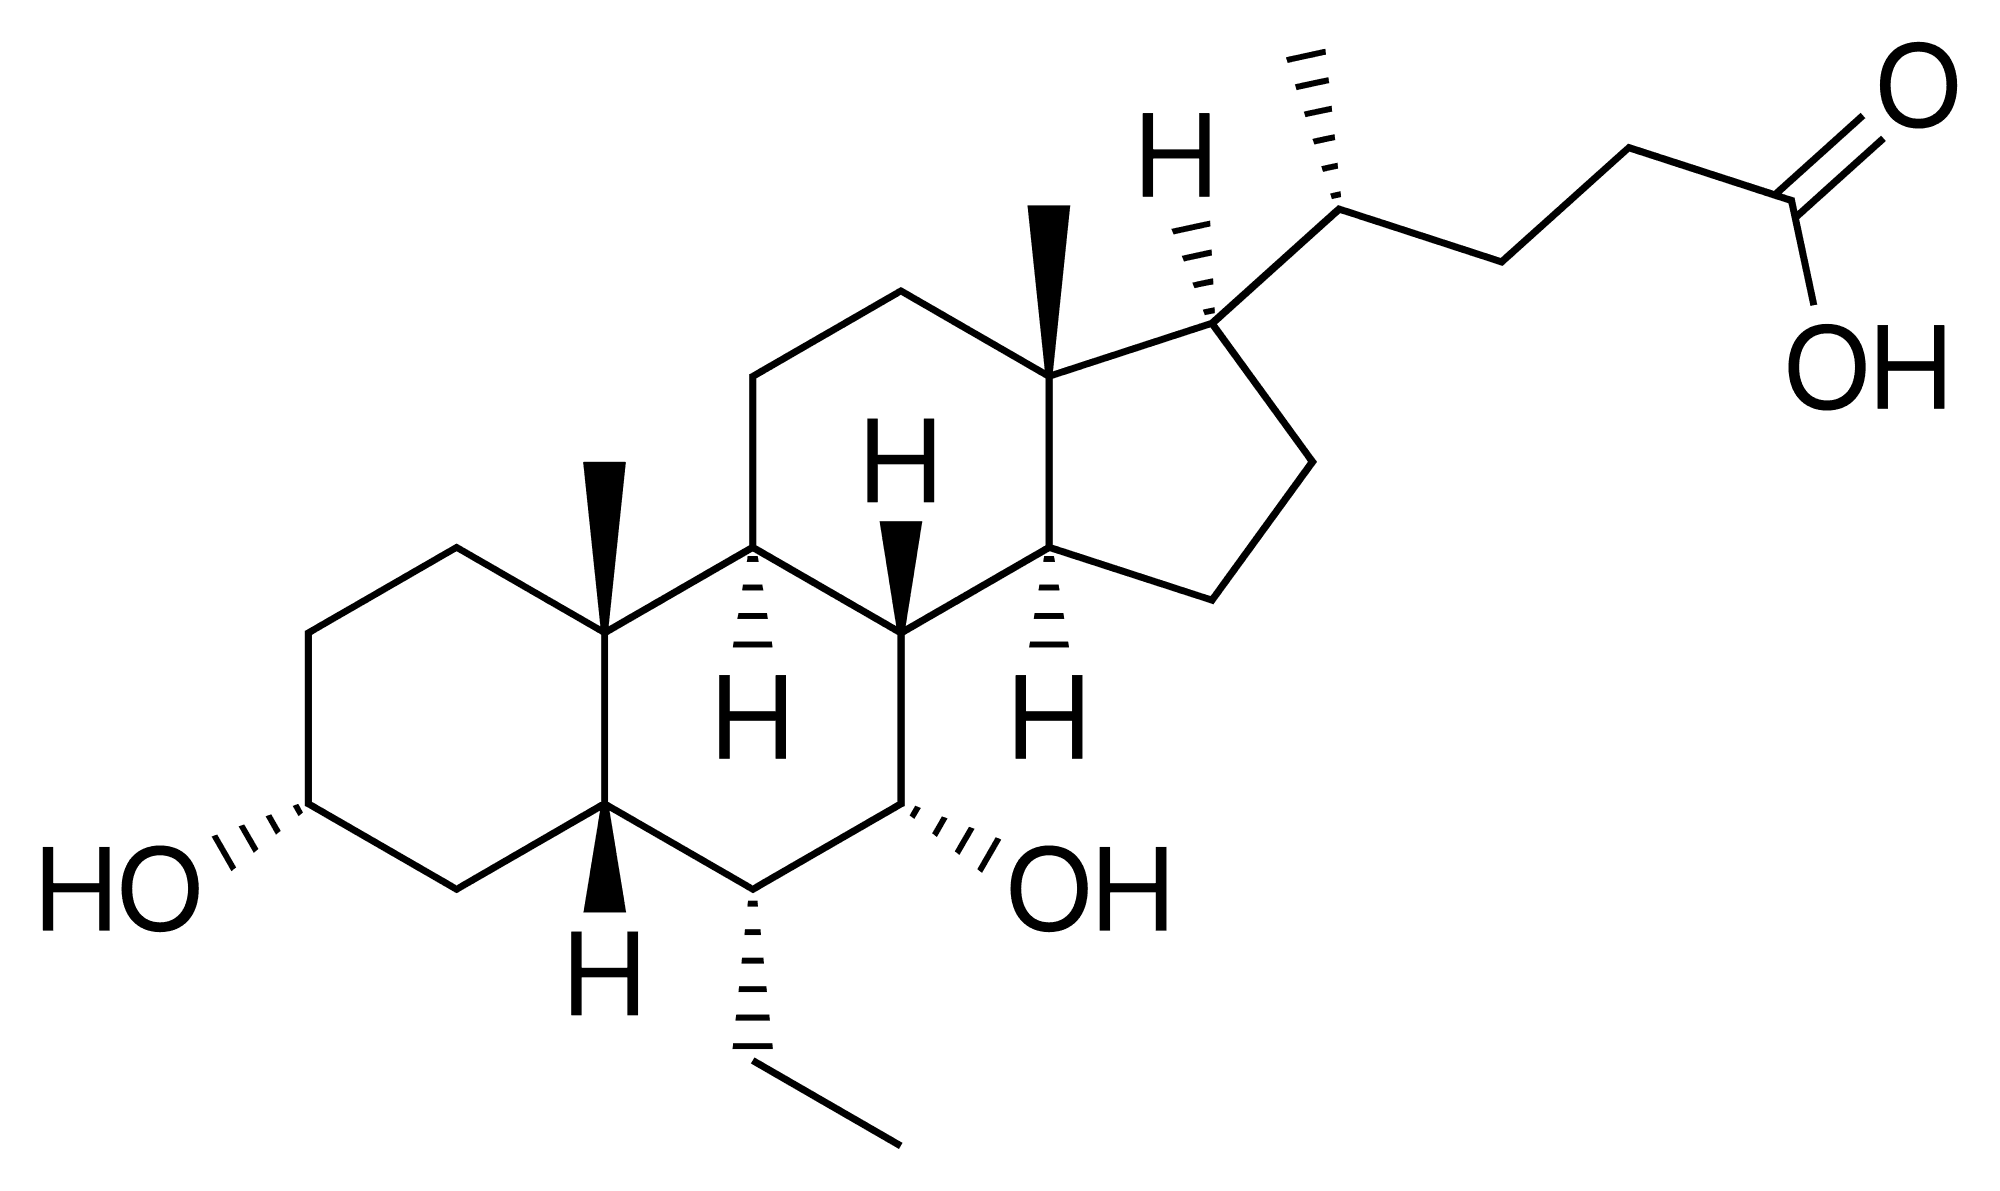 Желчные кислоты уменьшают удовольствие от кокаина